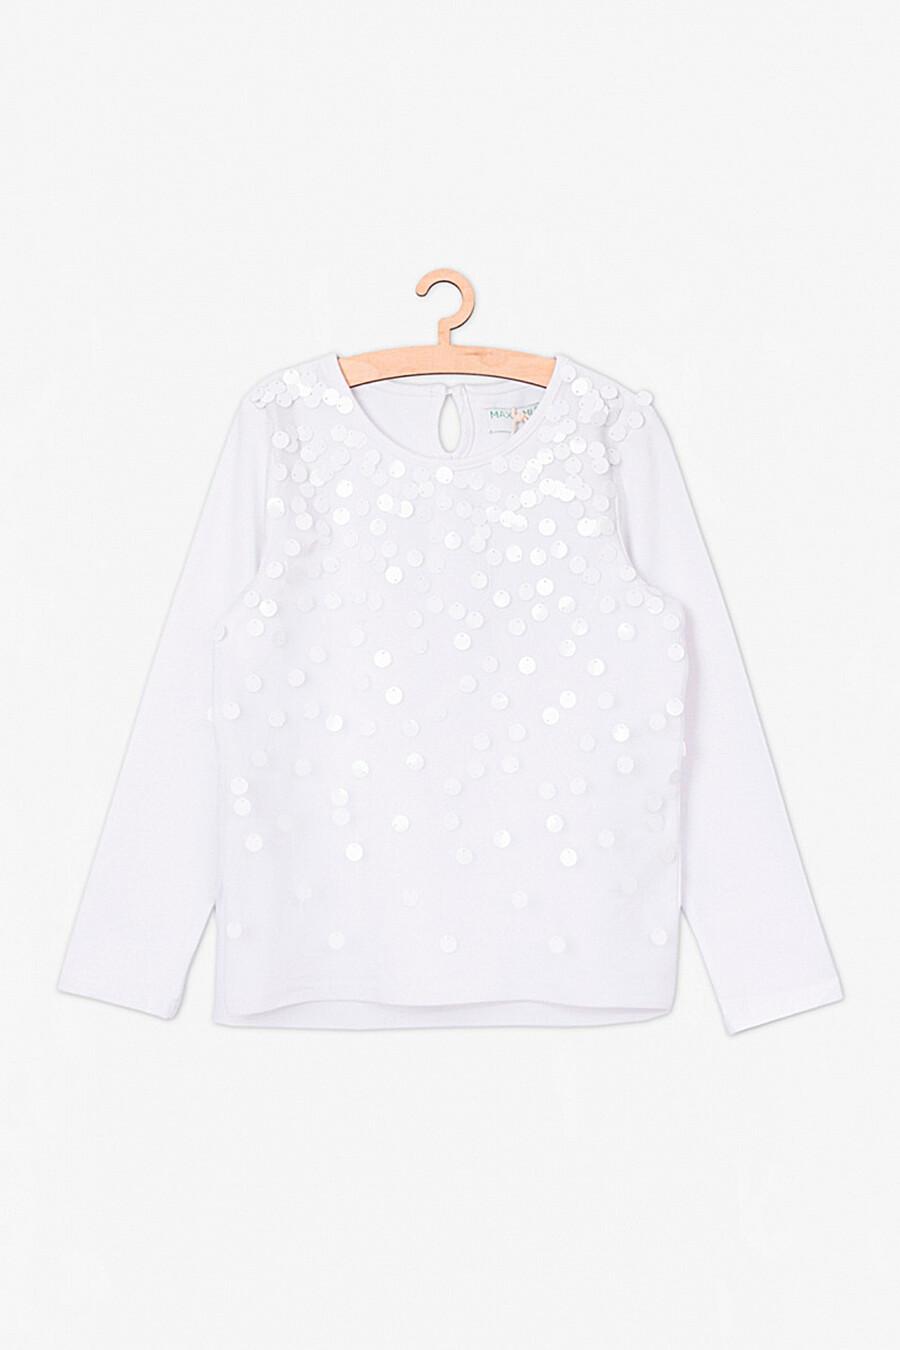 Лонгслив для девочек 5.10.15 668534 купить оптом от производителя. Совместная покупка детской одежды в OptMoyo